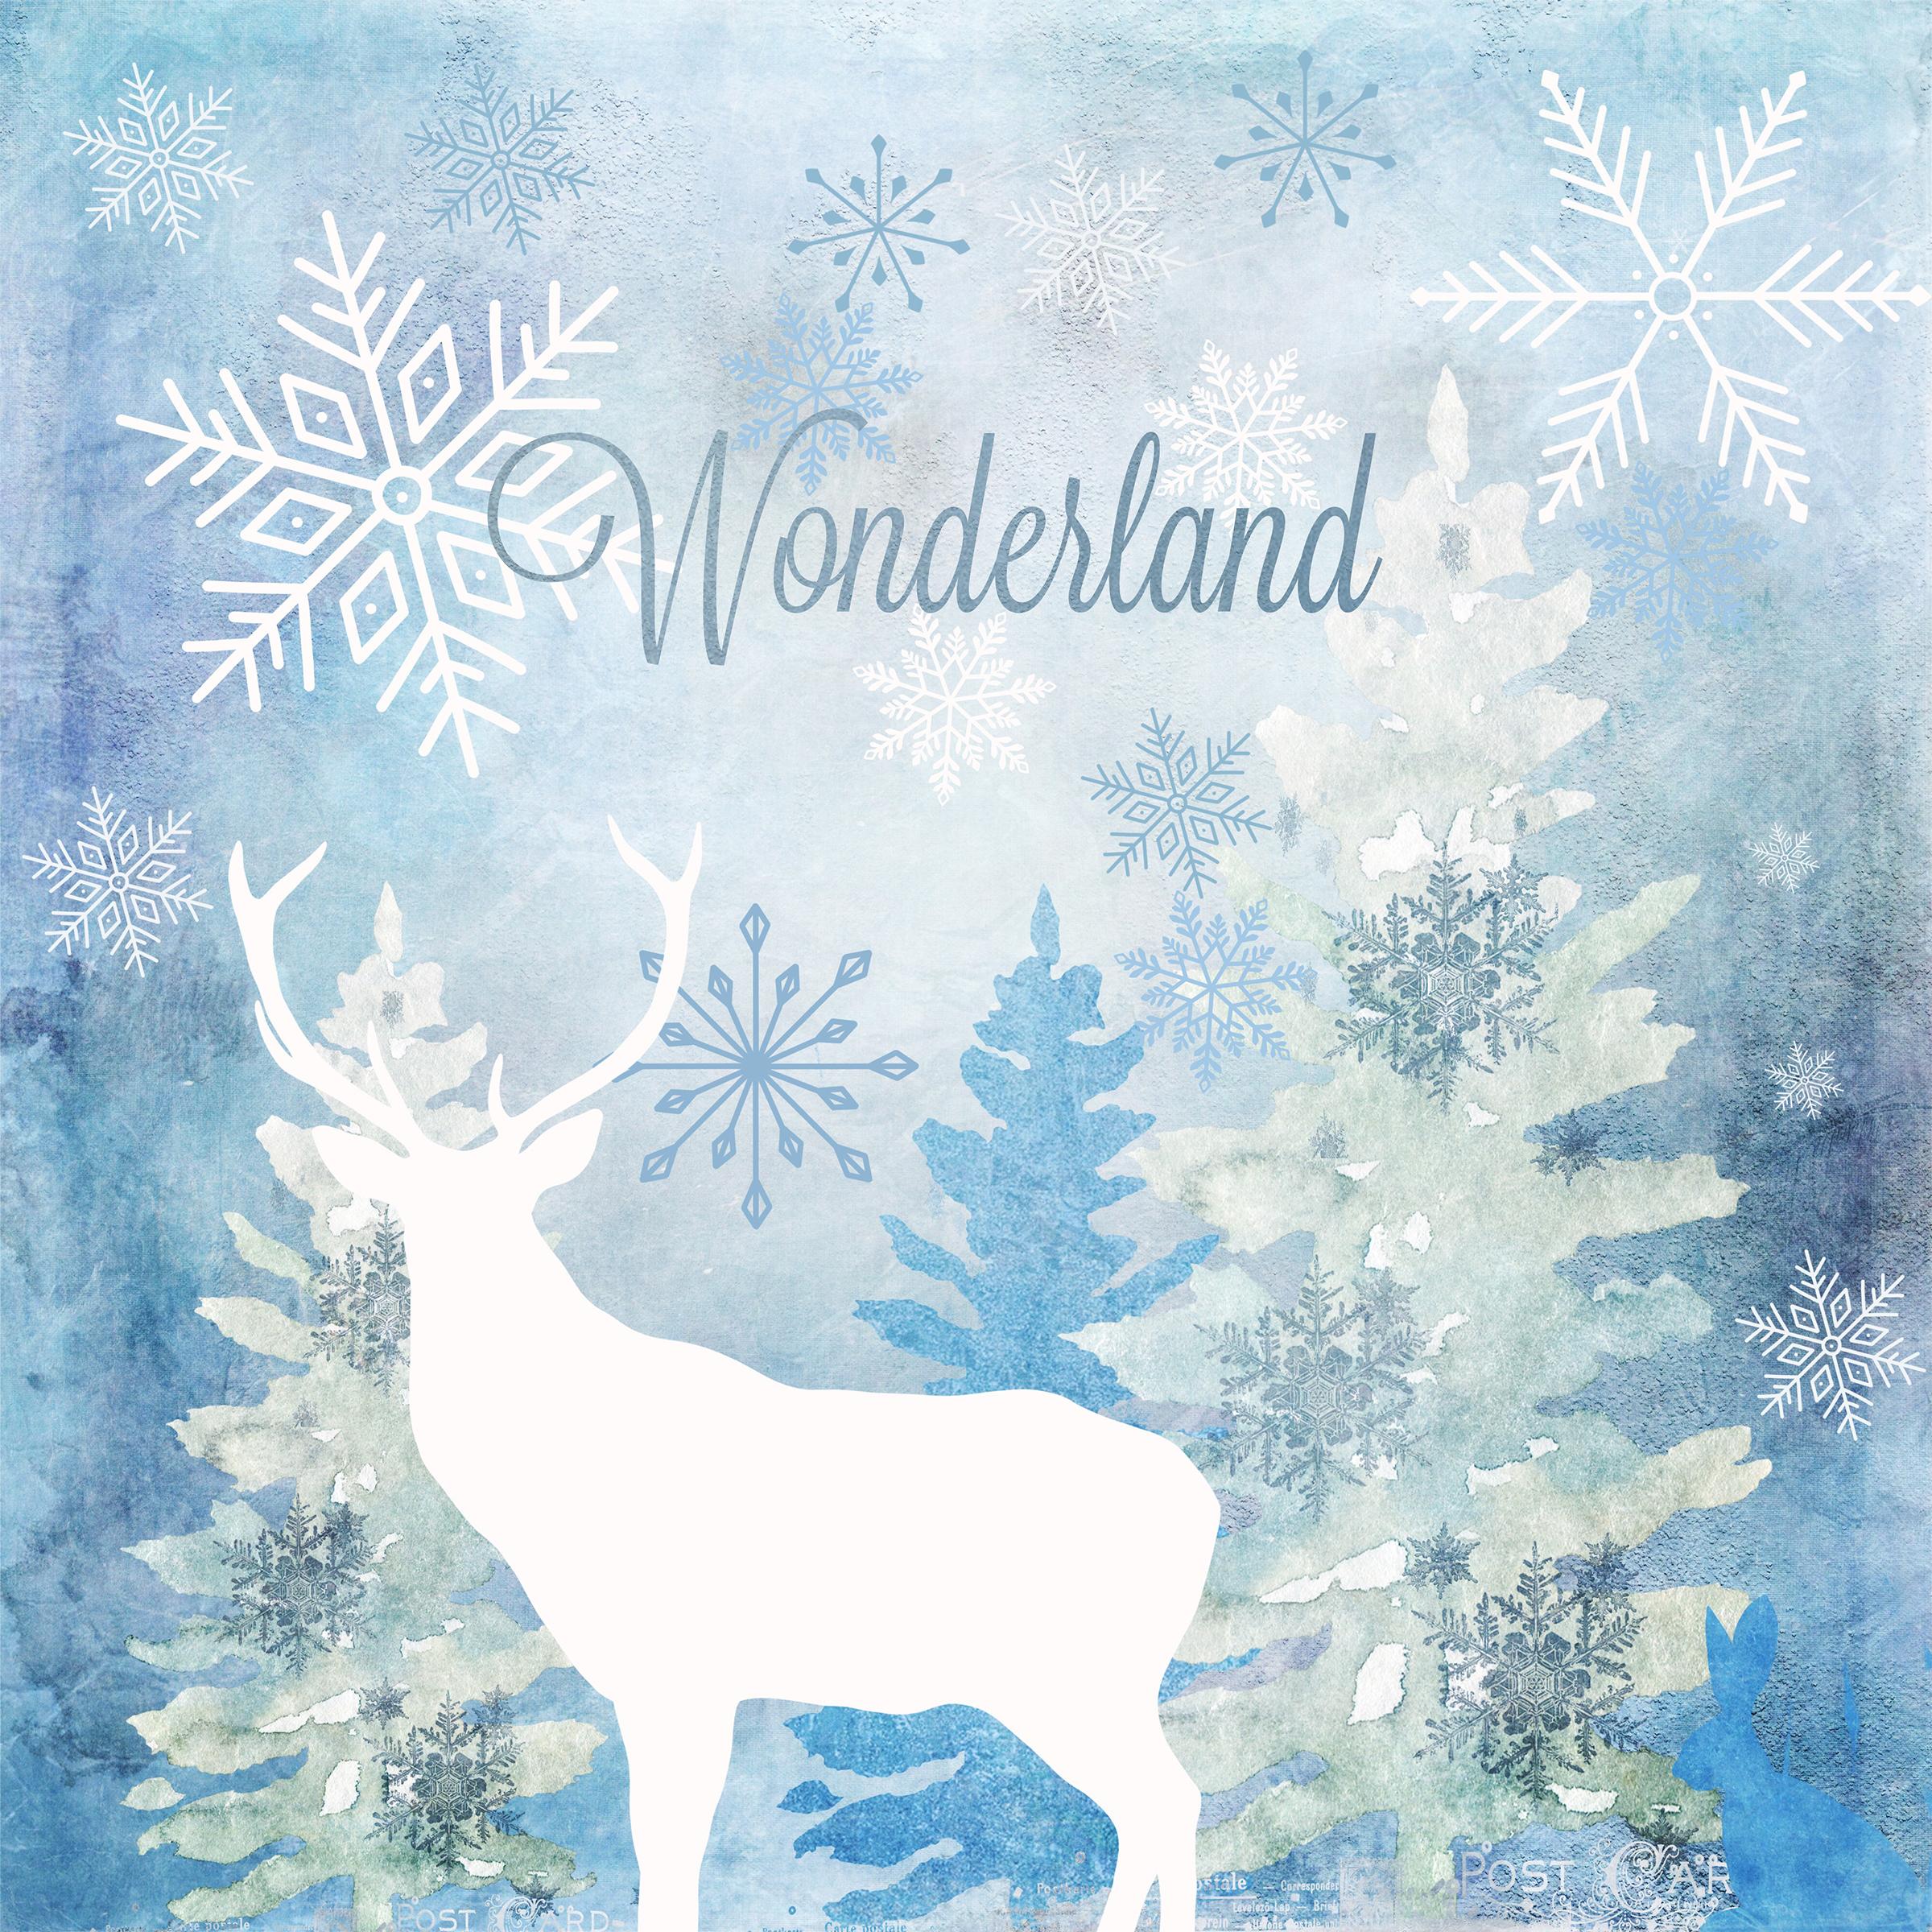 http://hedgehogstudio.com/wonderland.jpg